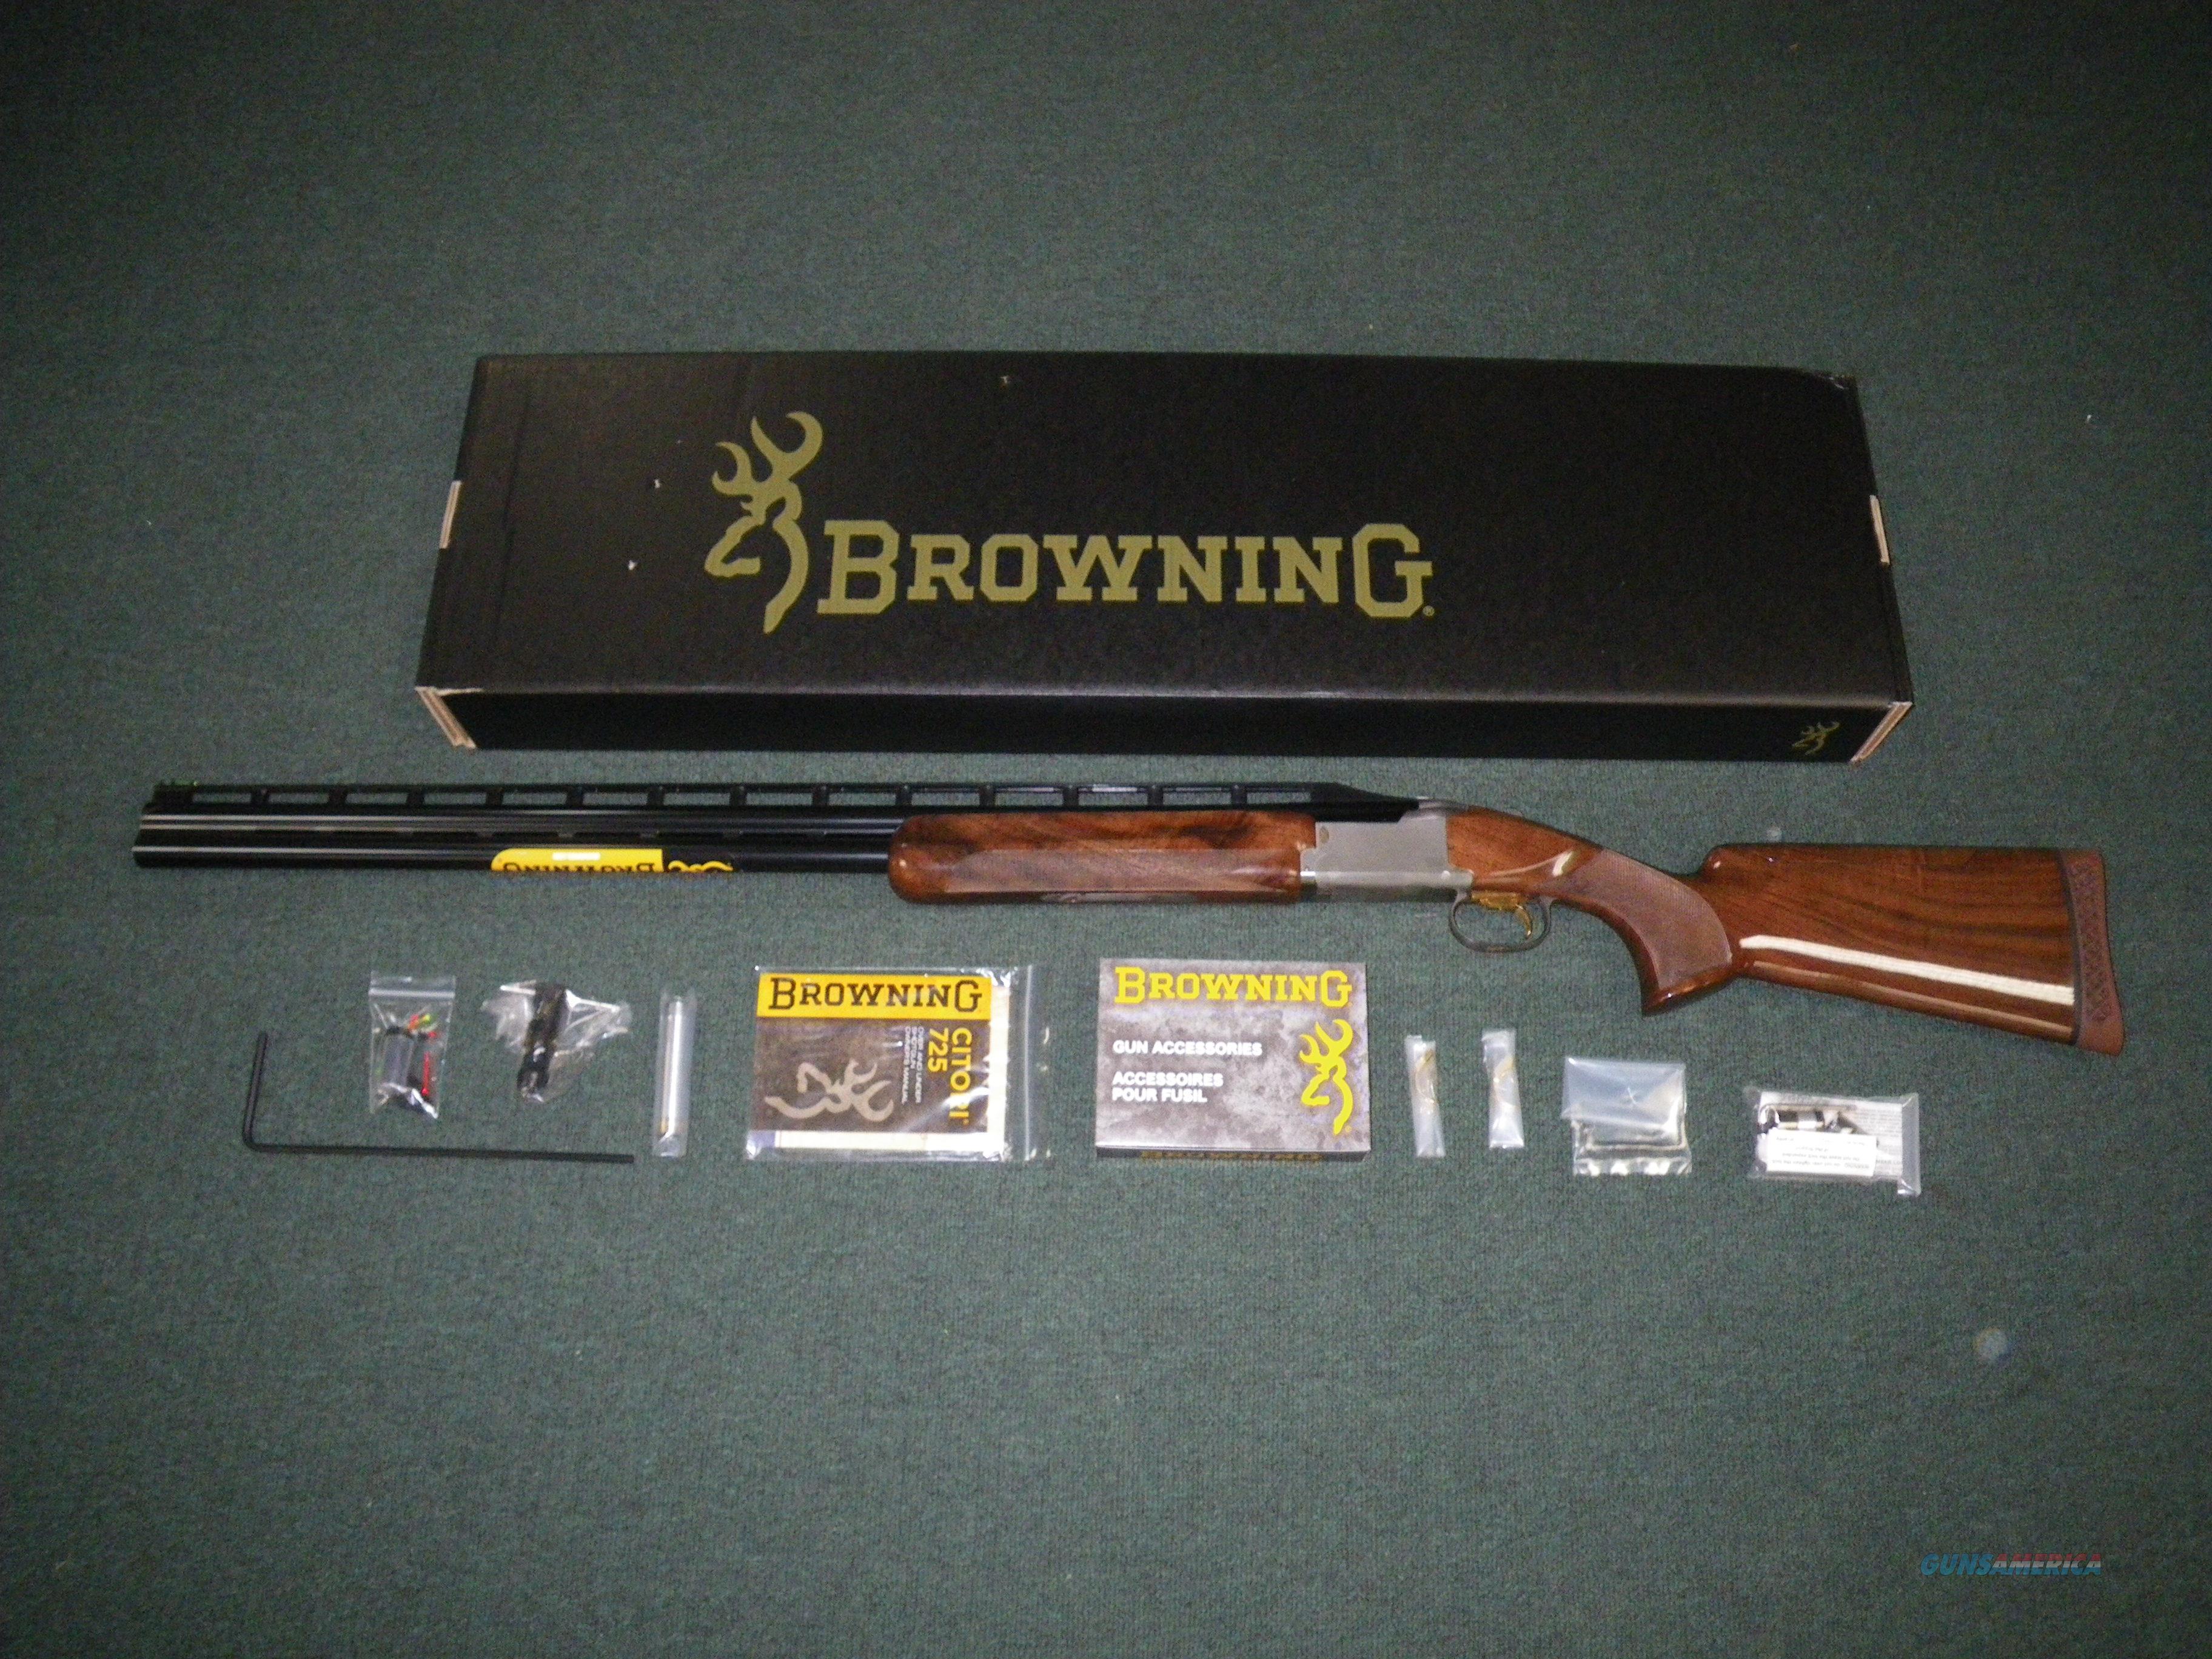 """Browning Citori 725 Trap LH Adj Comb 12ga 30"""" NEW #0135823010  Guns > Shotguns > Browning Shotguns > Over Unders > Citori > Hunting"""